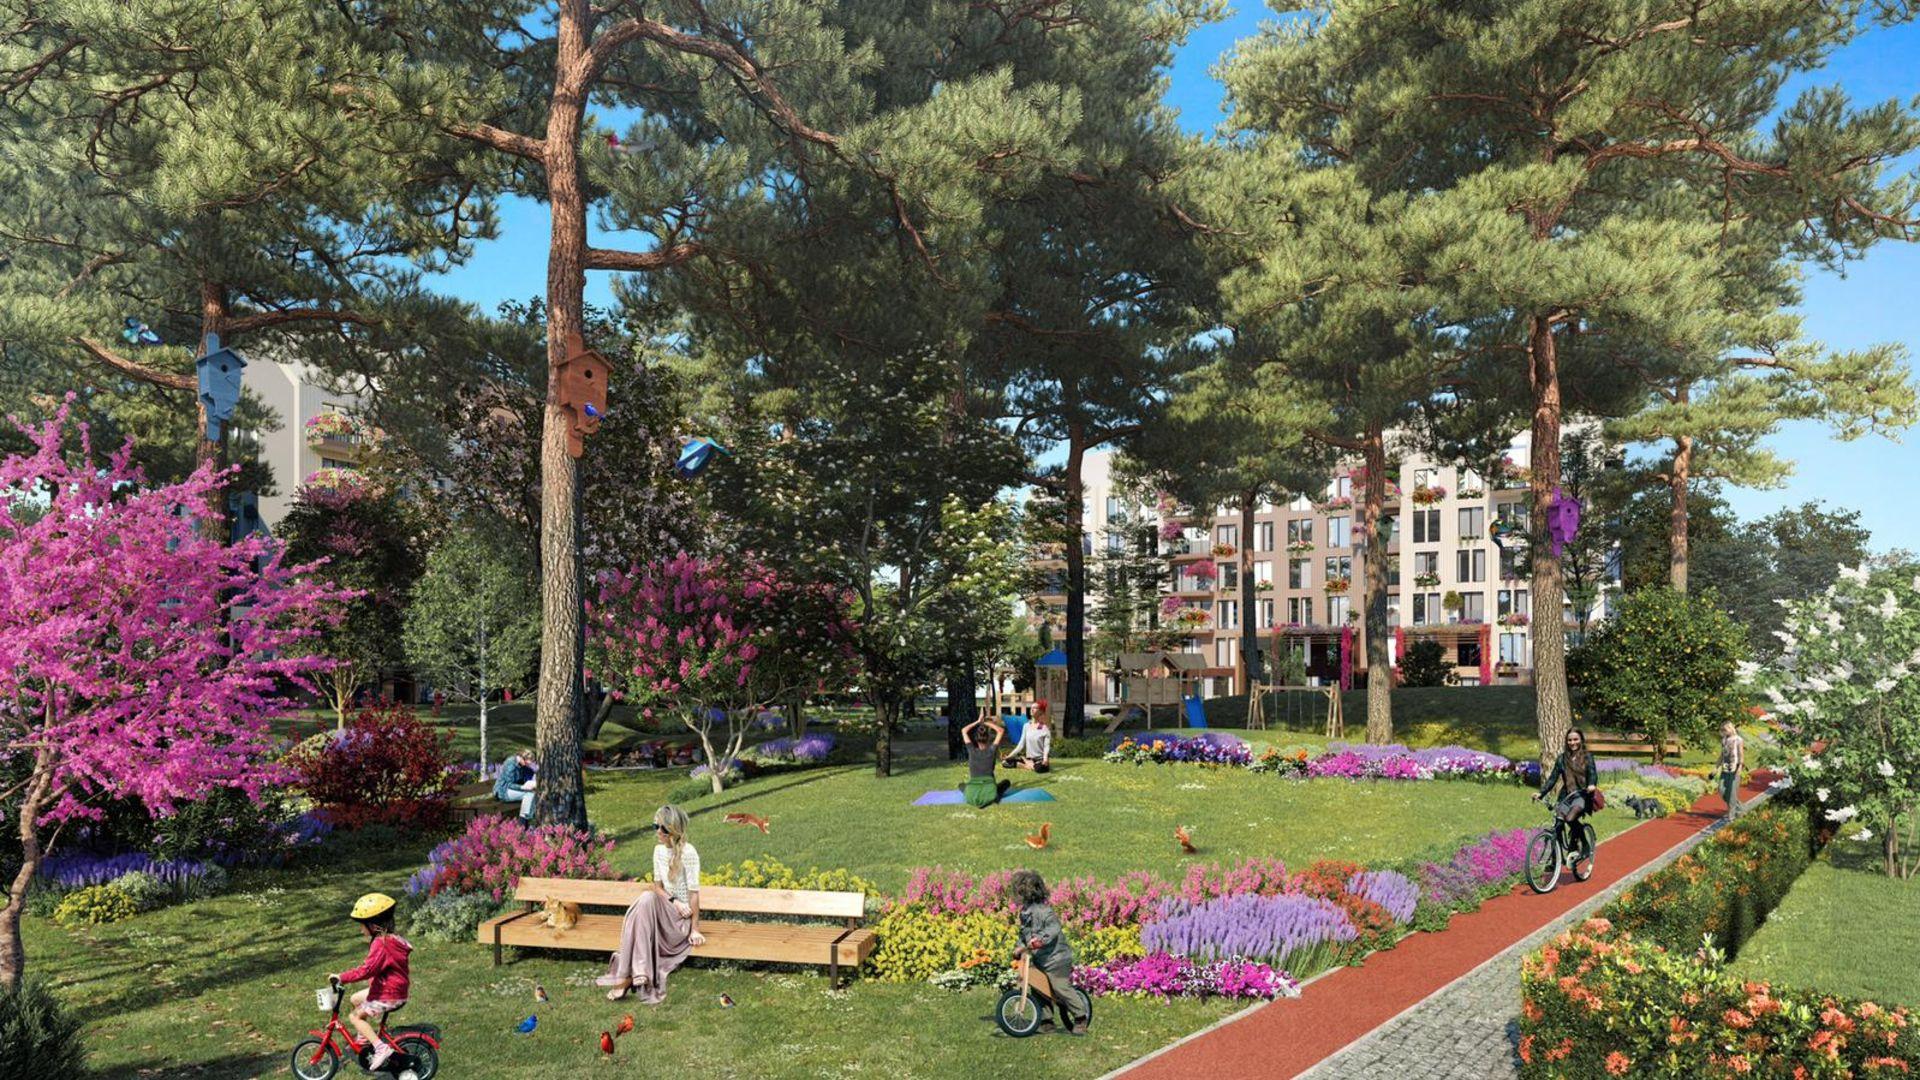 DAP Yapı 'Sağlıklı evler' konsepti Çekmeköy projesi Ormanköy ile başlıyor!